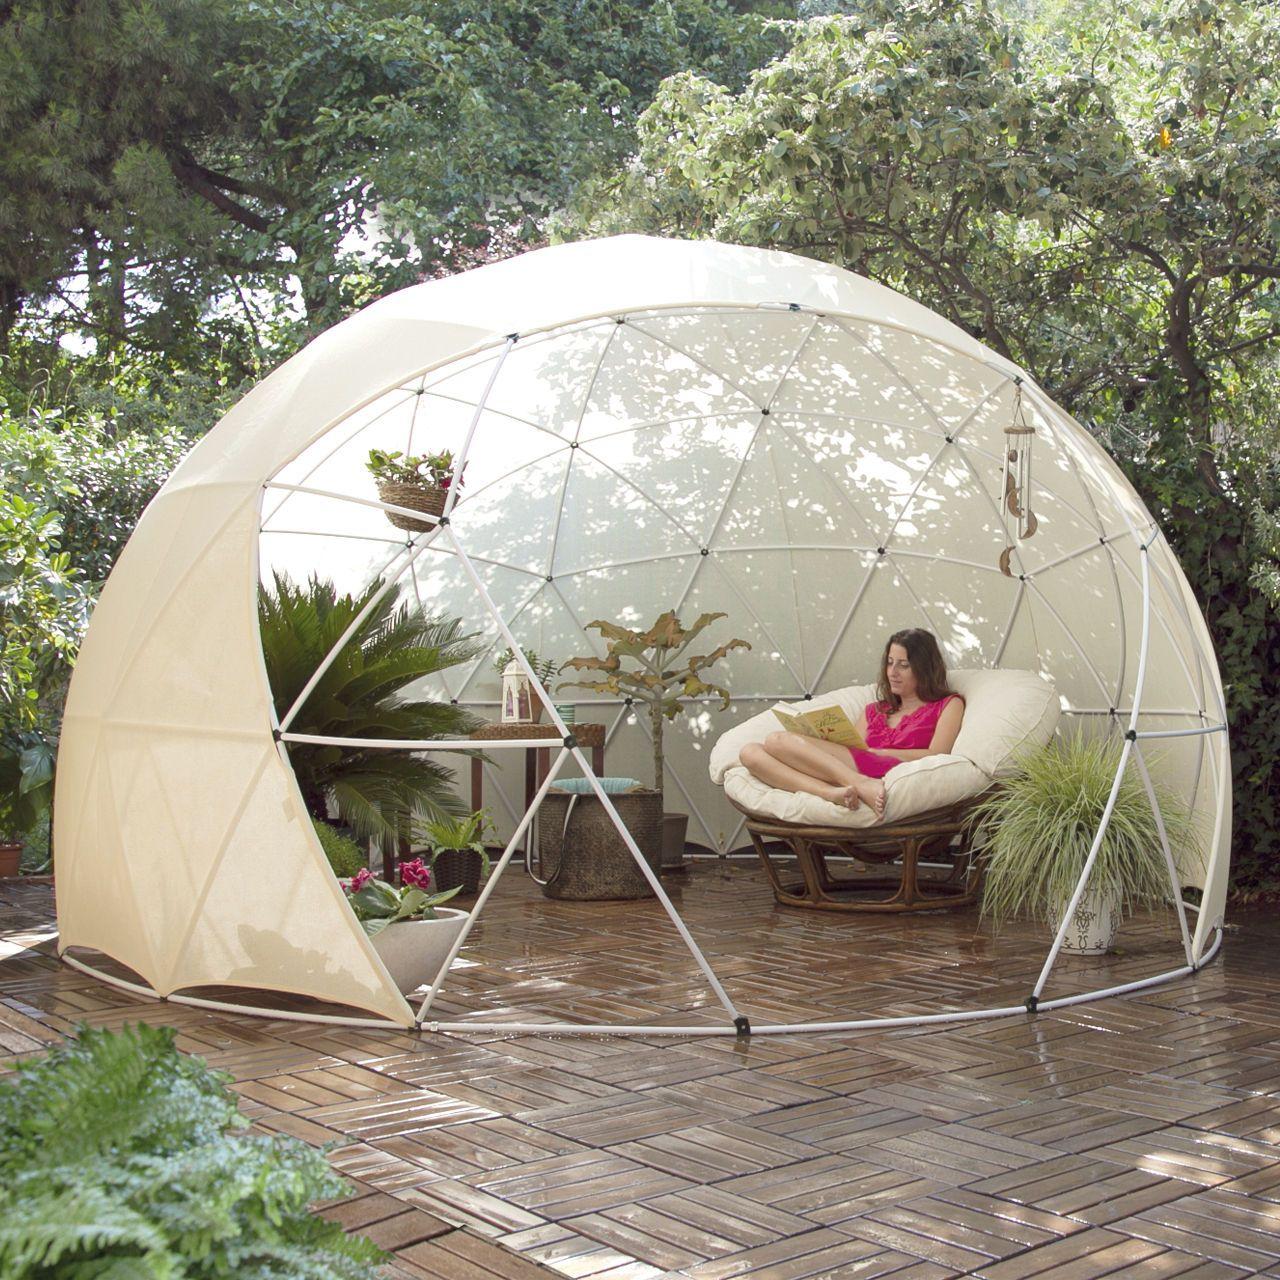 garten iglu als garten iglu wintergarten gew chshaus oder jacuzzi abdeckung garten. Black Bedroom Furniture Sets. Home Design Ideas